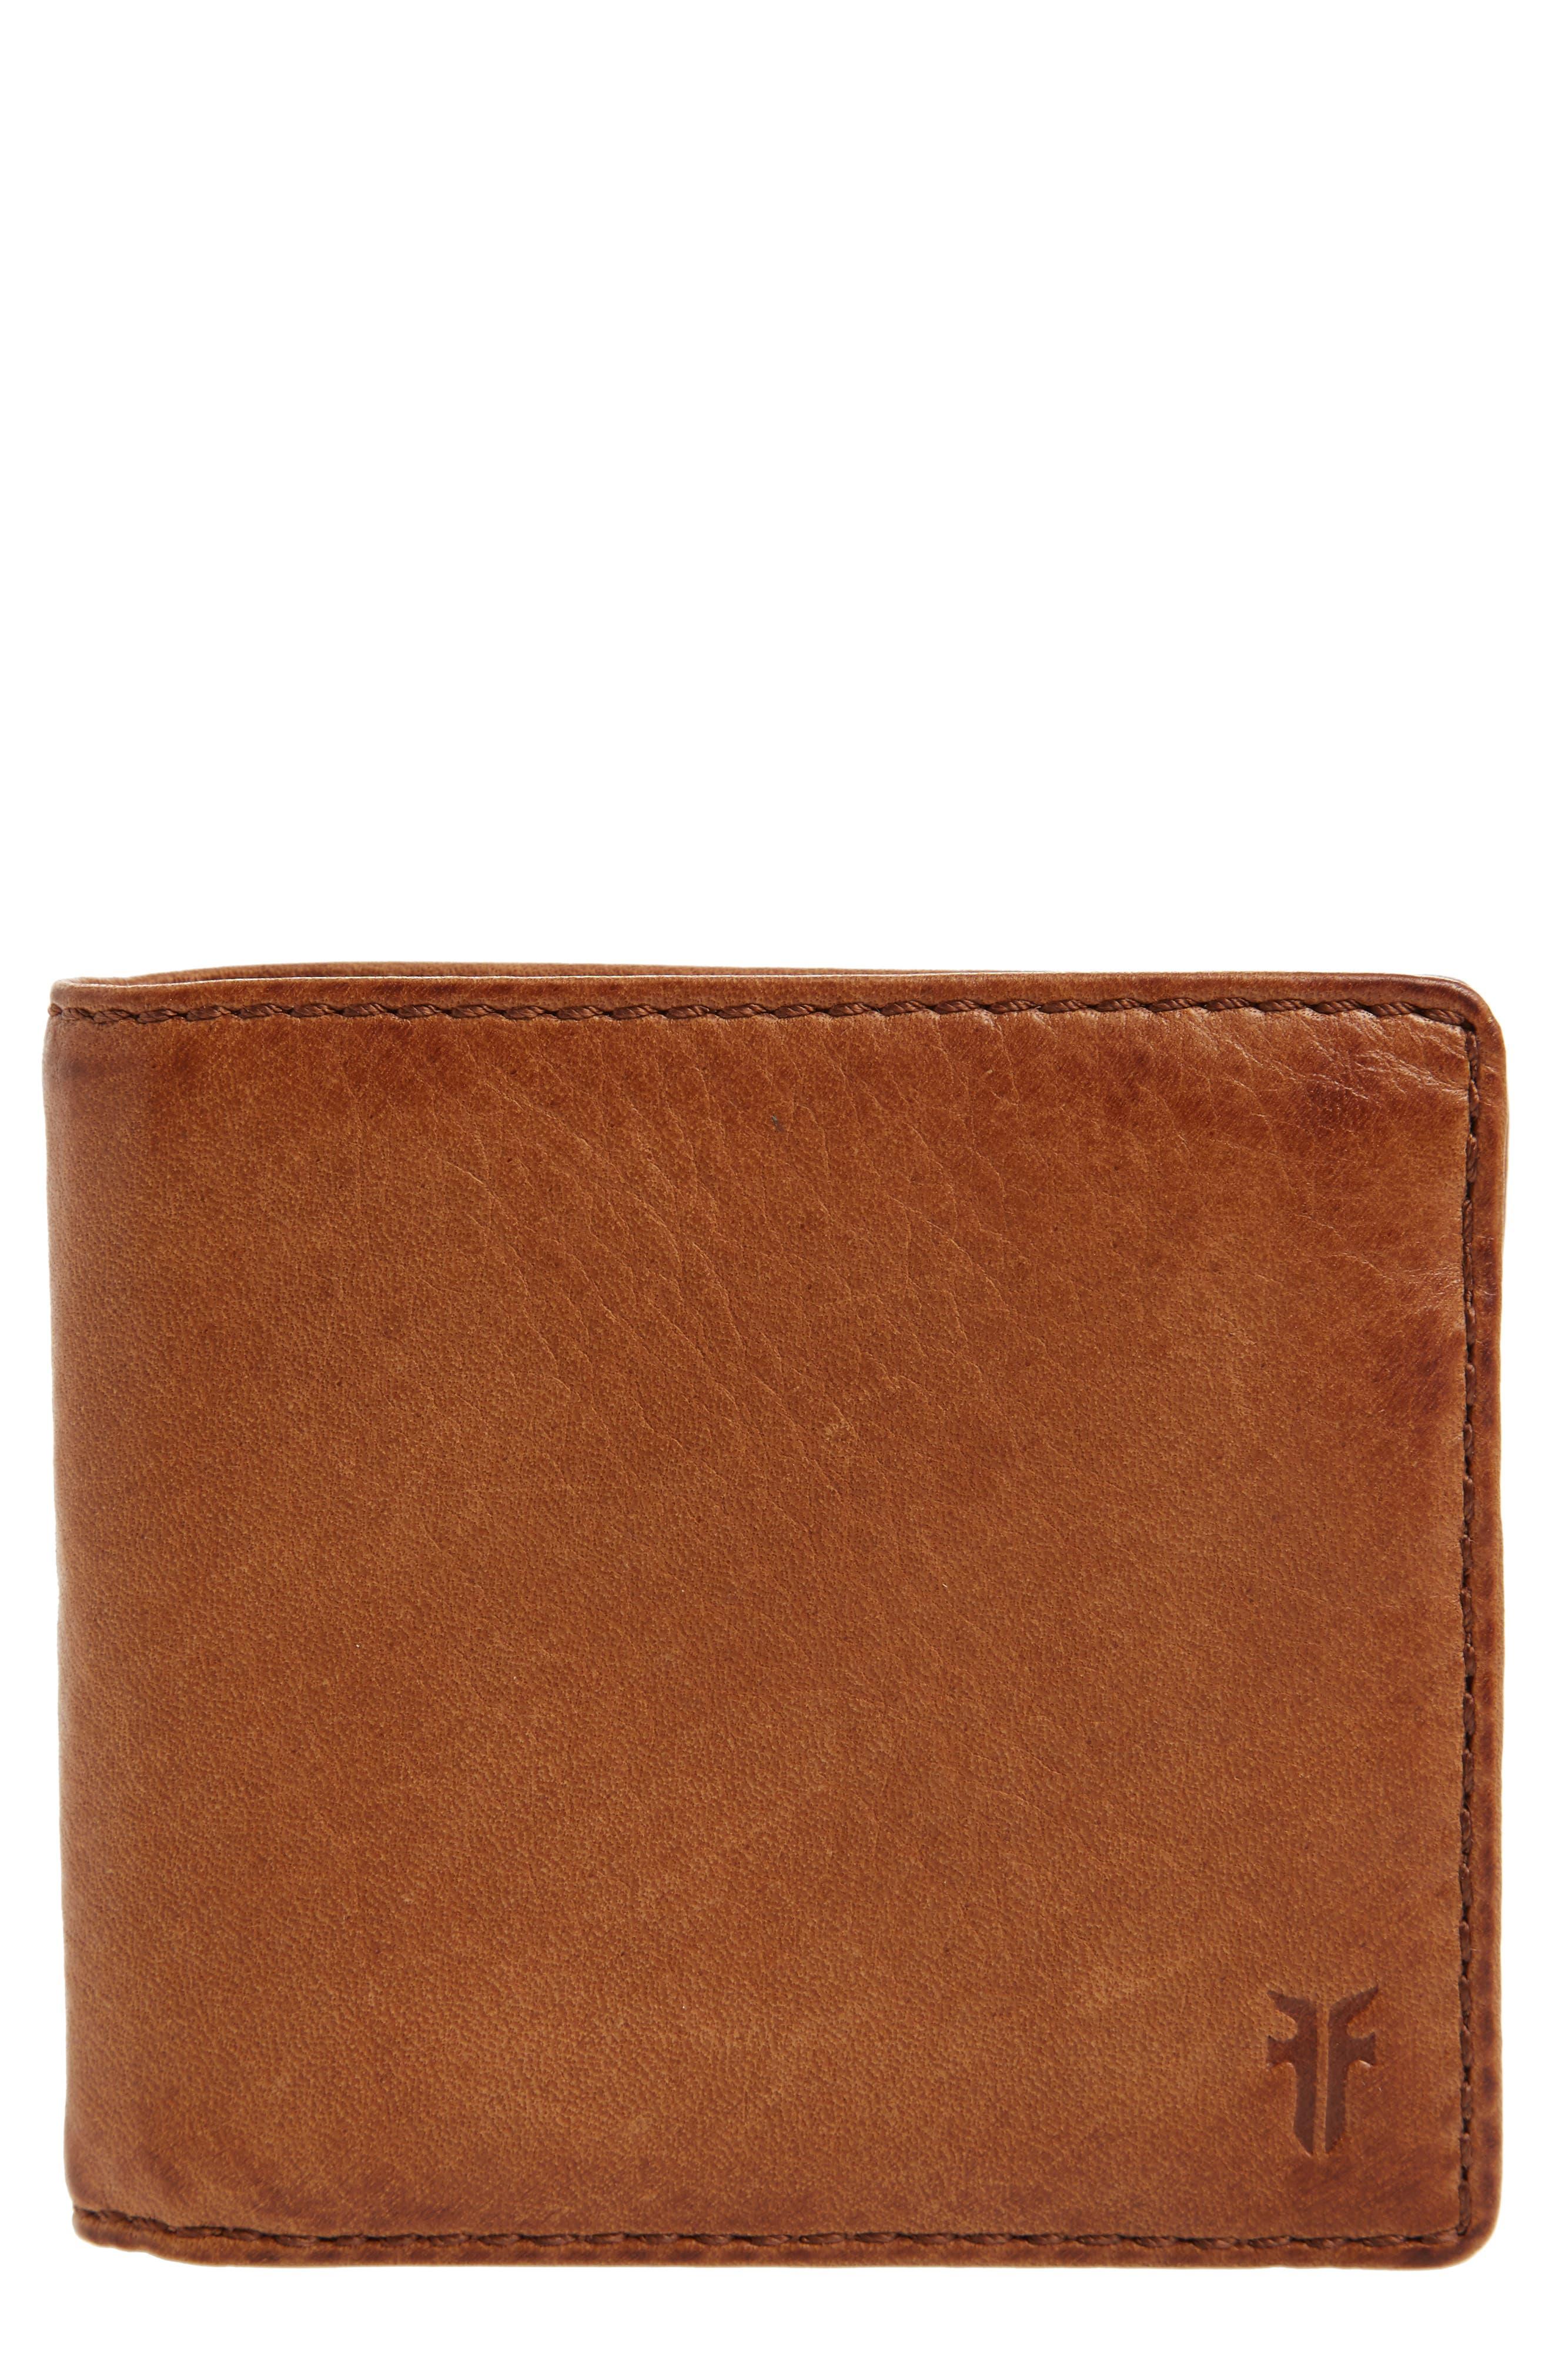 Main Image - Frye Oliver Leather Wallet